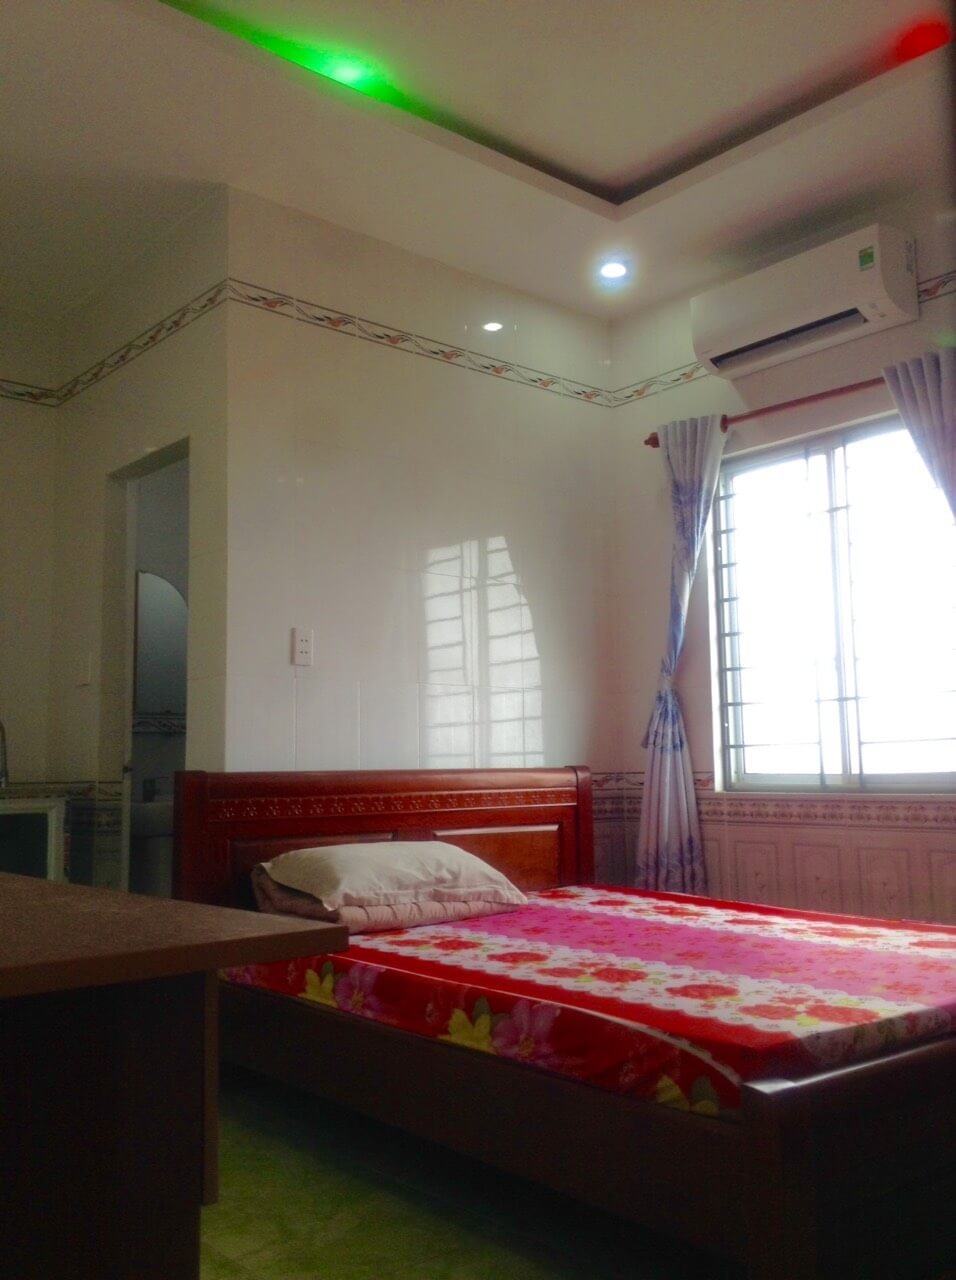 phòng đơn căn hộ Thủy Sơn 5 - Hòa Hải - Ngũ Hành Sơn - Đà Nẵng